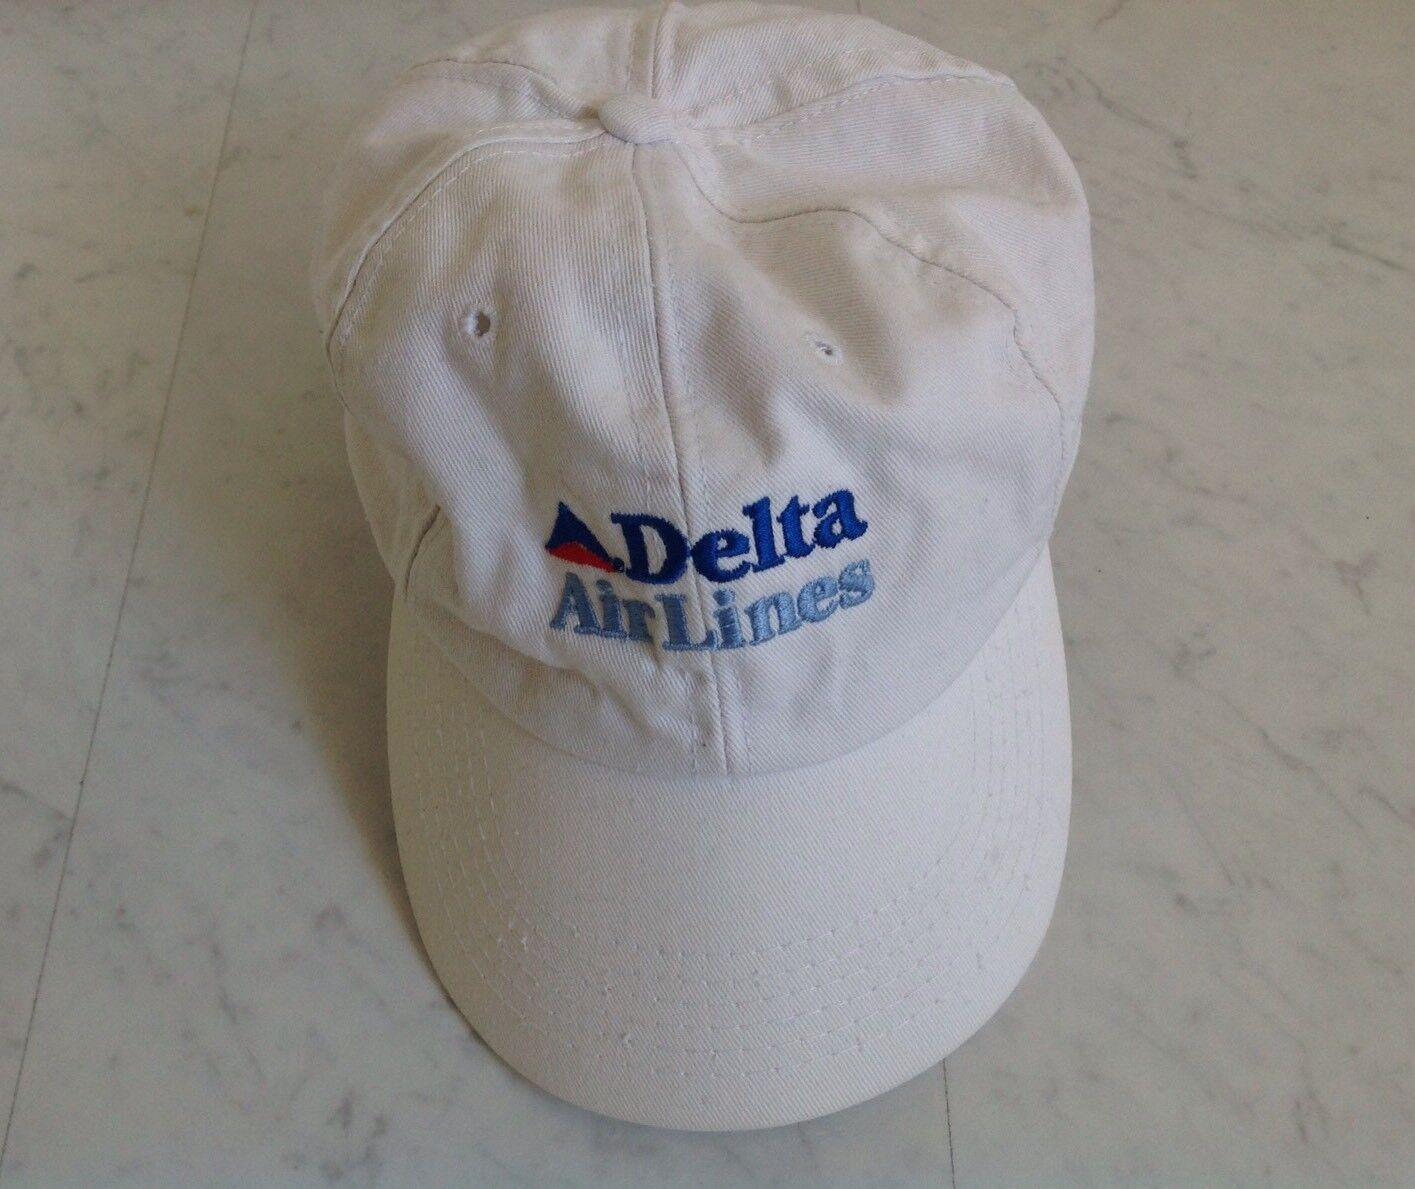 Sehr selten! Delta AirLines Cap / Made in USA, unisex, Einheitsgröße